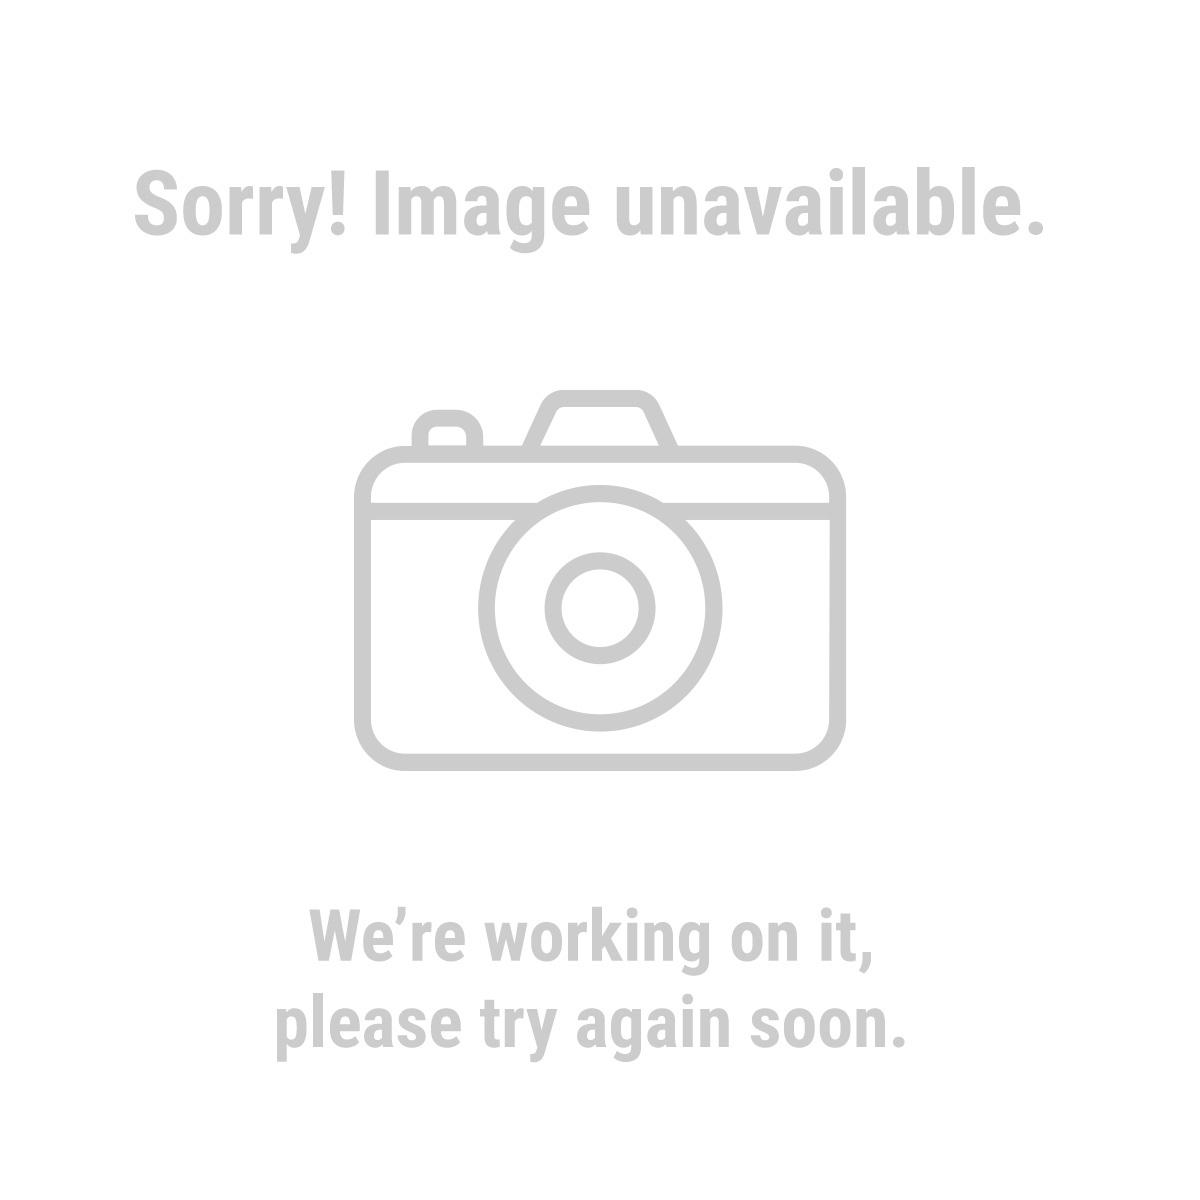 hight resolution of wrg 5461 harbor freight solar panel wiring diagram harbor freight solar panel kit 100 watt